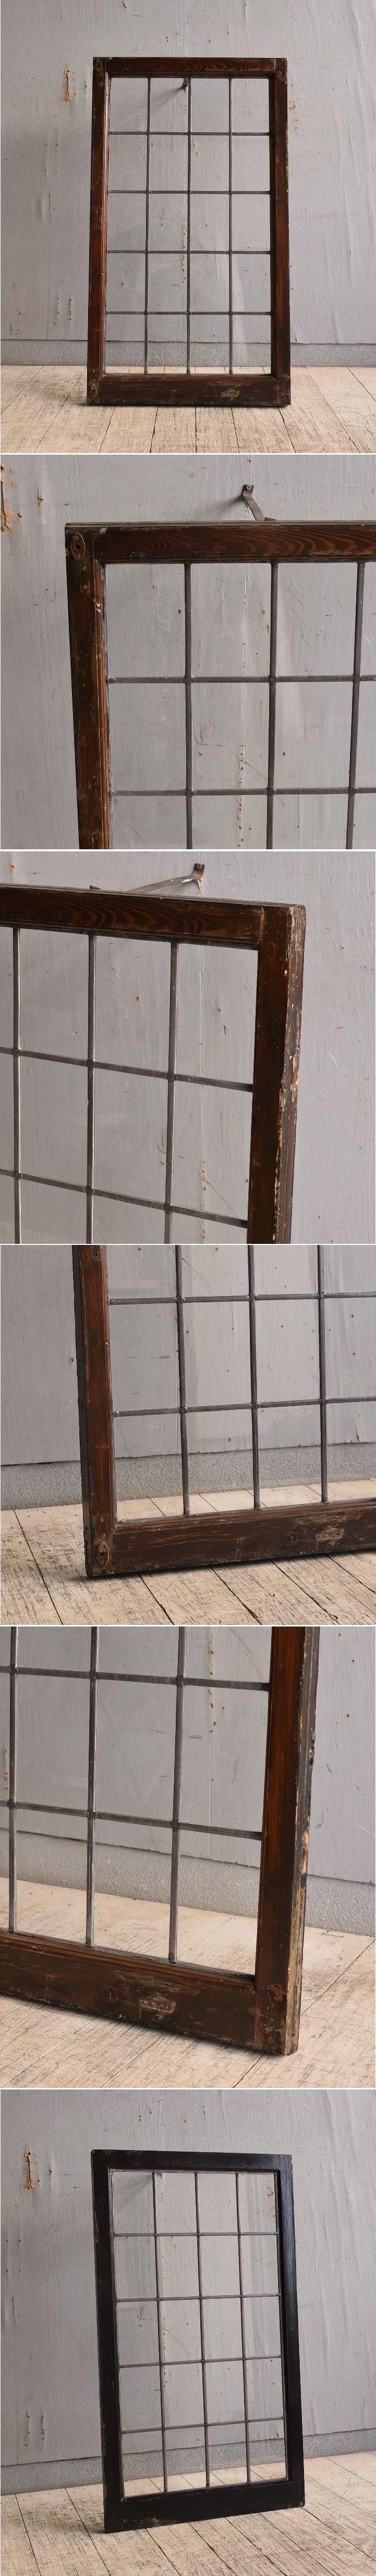 イギリス アンティーク 窓 無色透明 9750